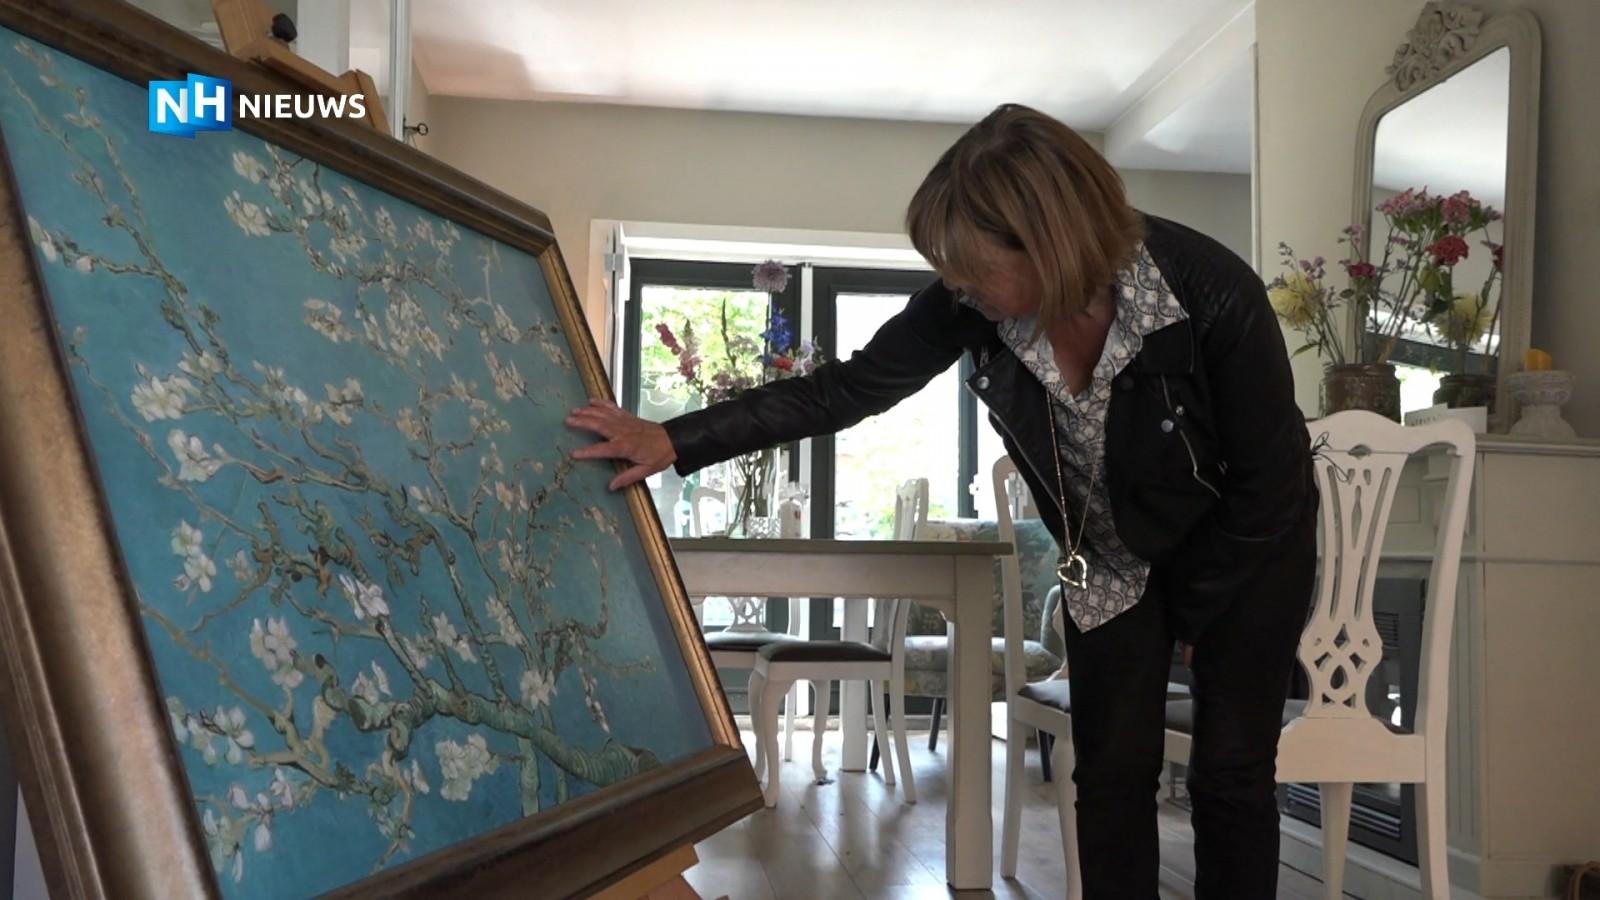 Bussumse verpleegkundige Saskia krijgt eigen meesterwerk van Van Gogh